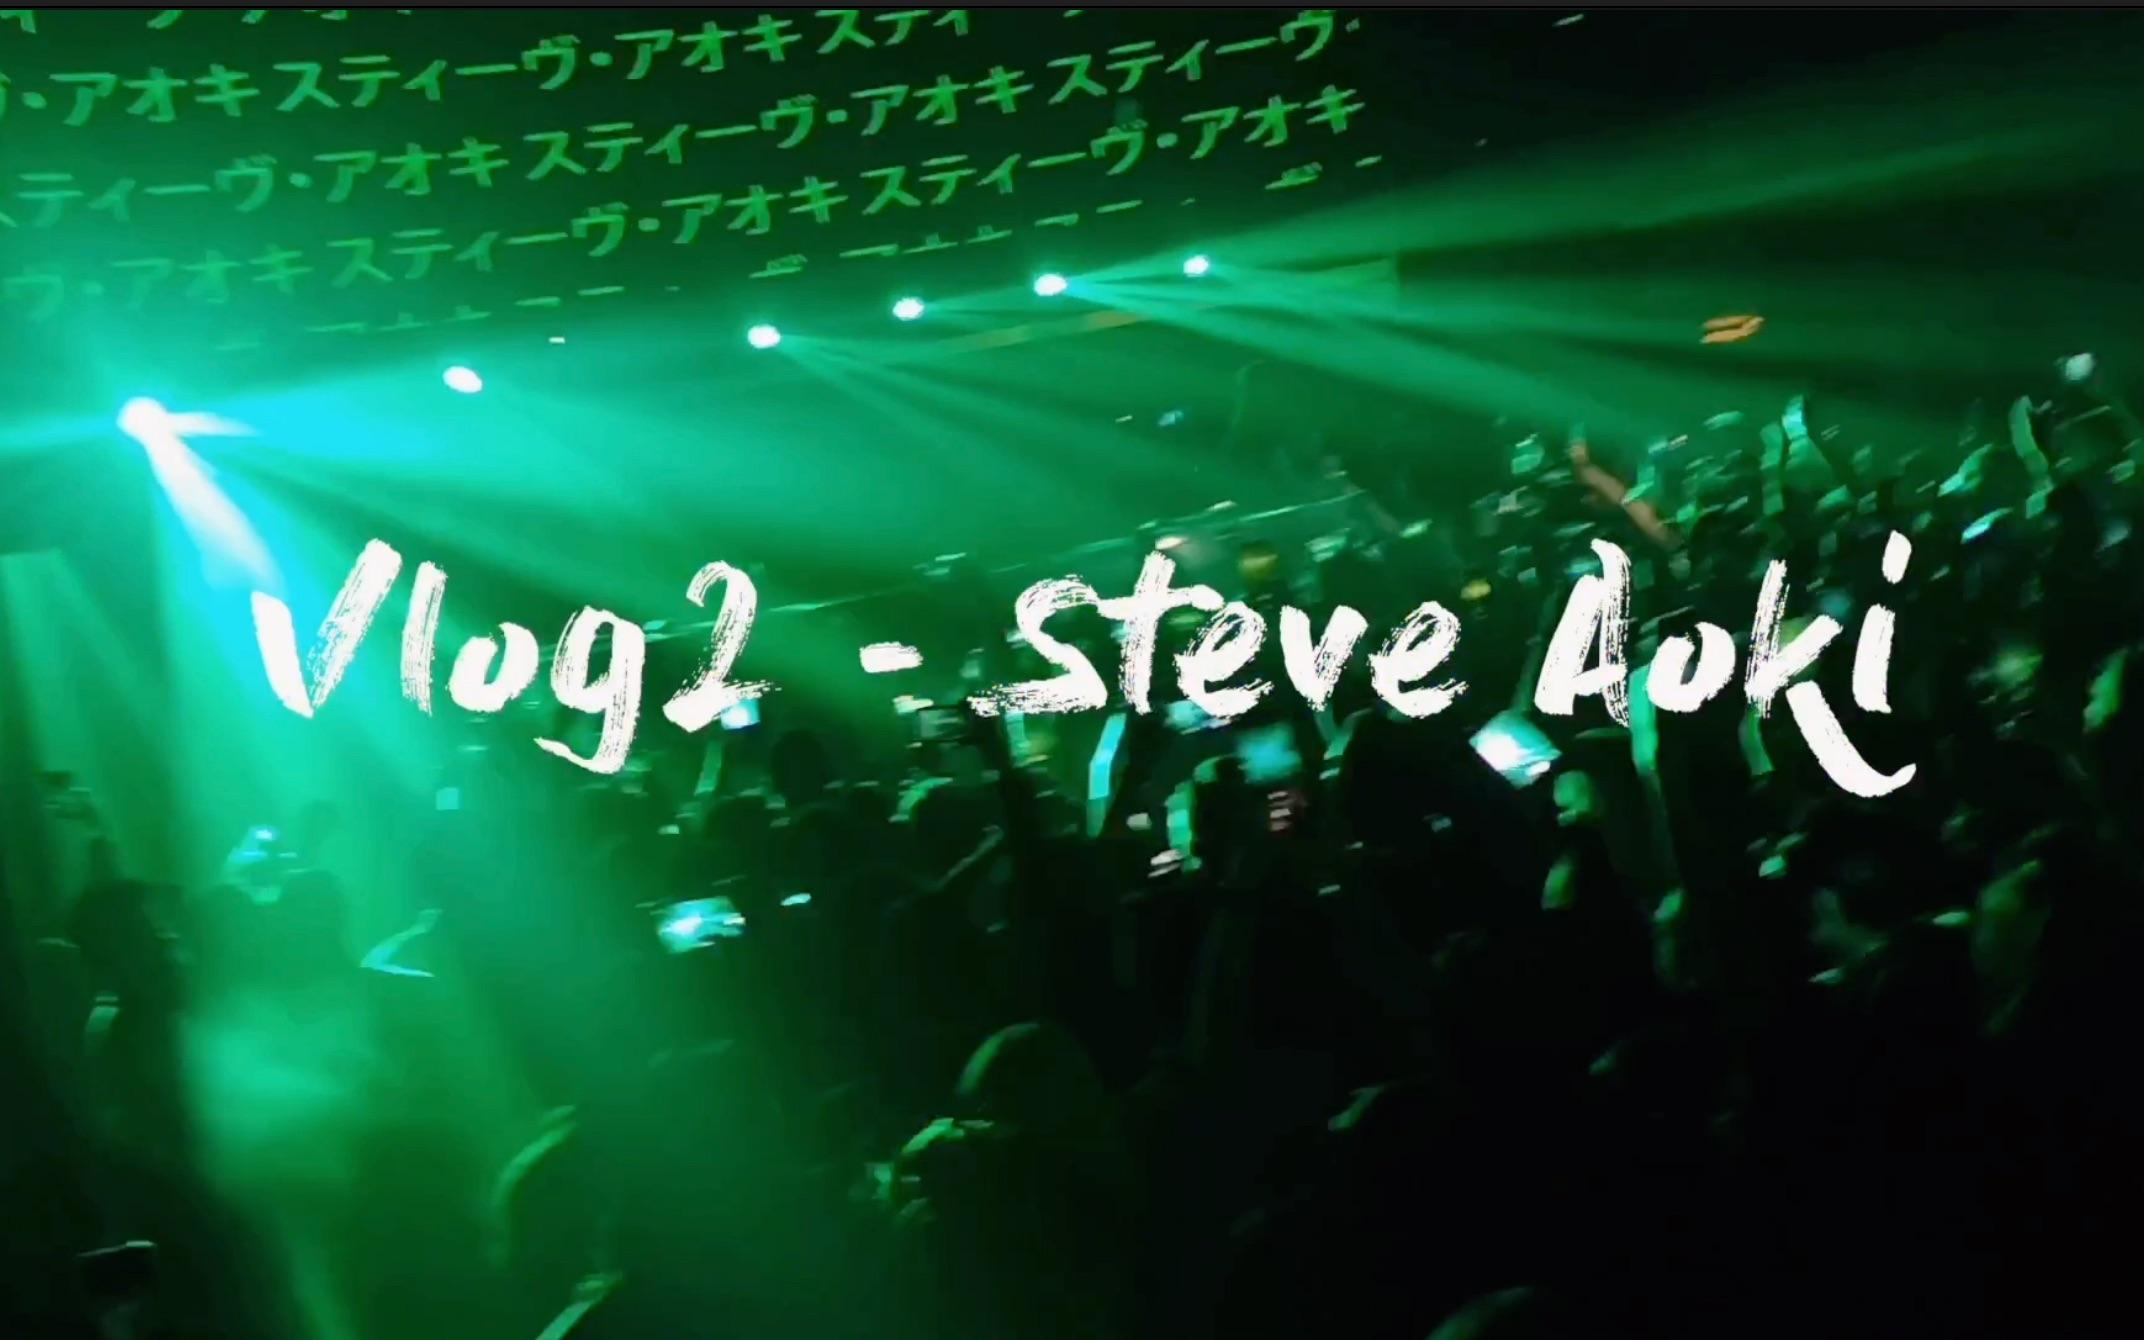 vlog 2 - 带你们去蹦迪 | 疫情前二月份的美国 | O